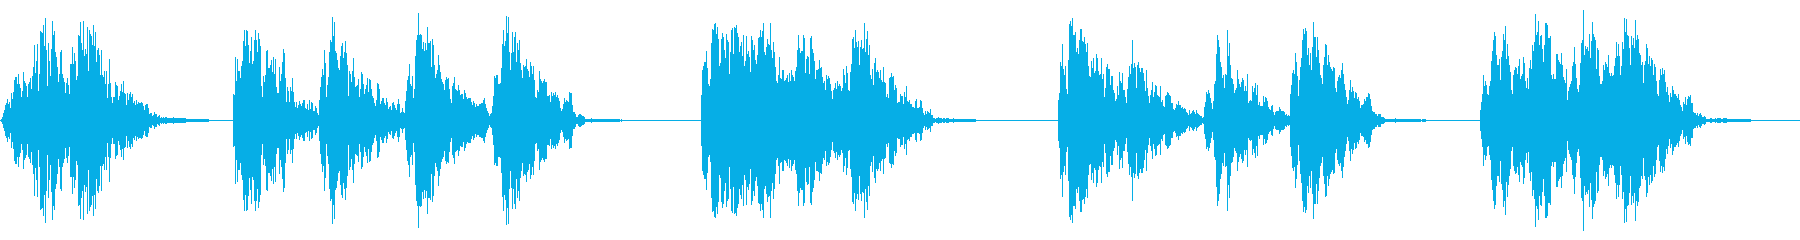 ライトラトルの再生済みの波形